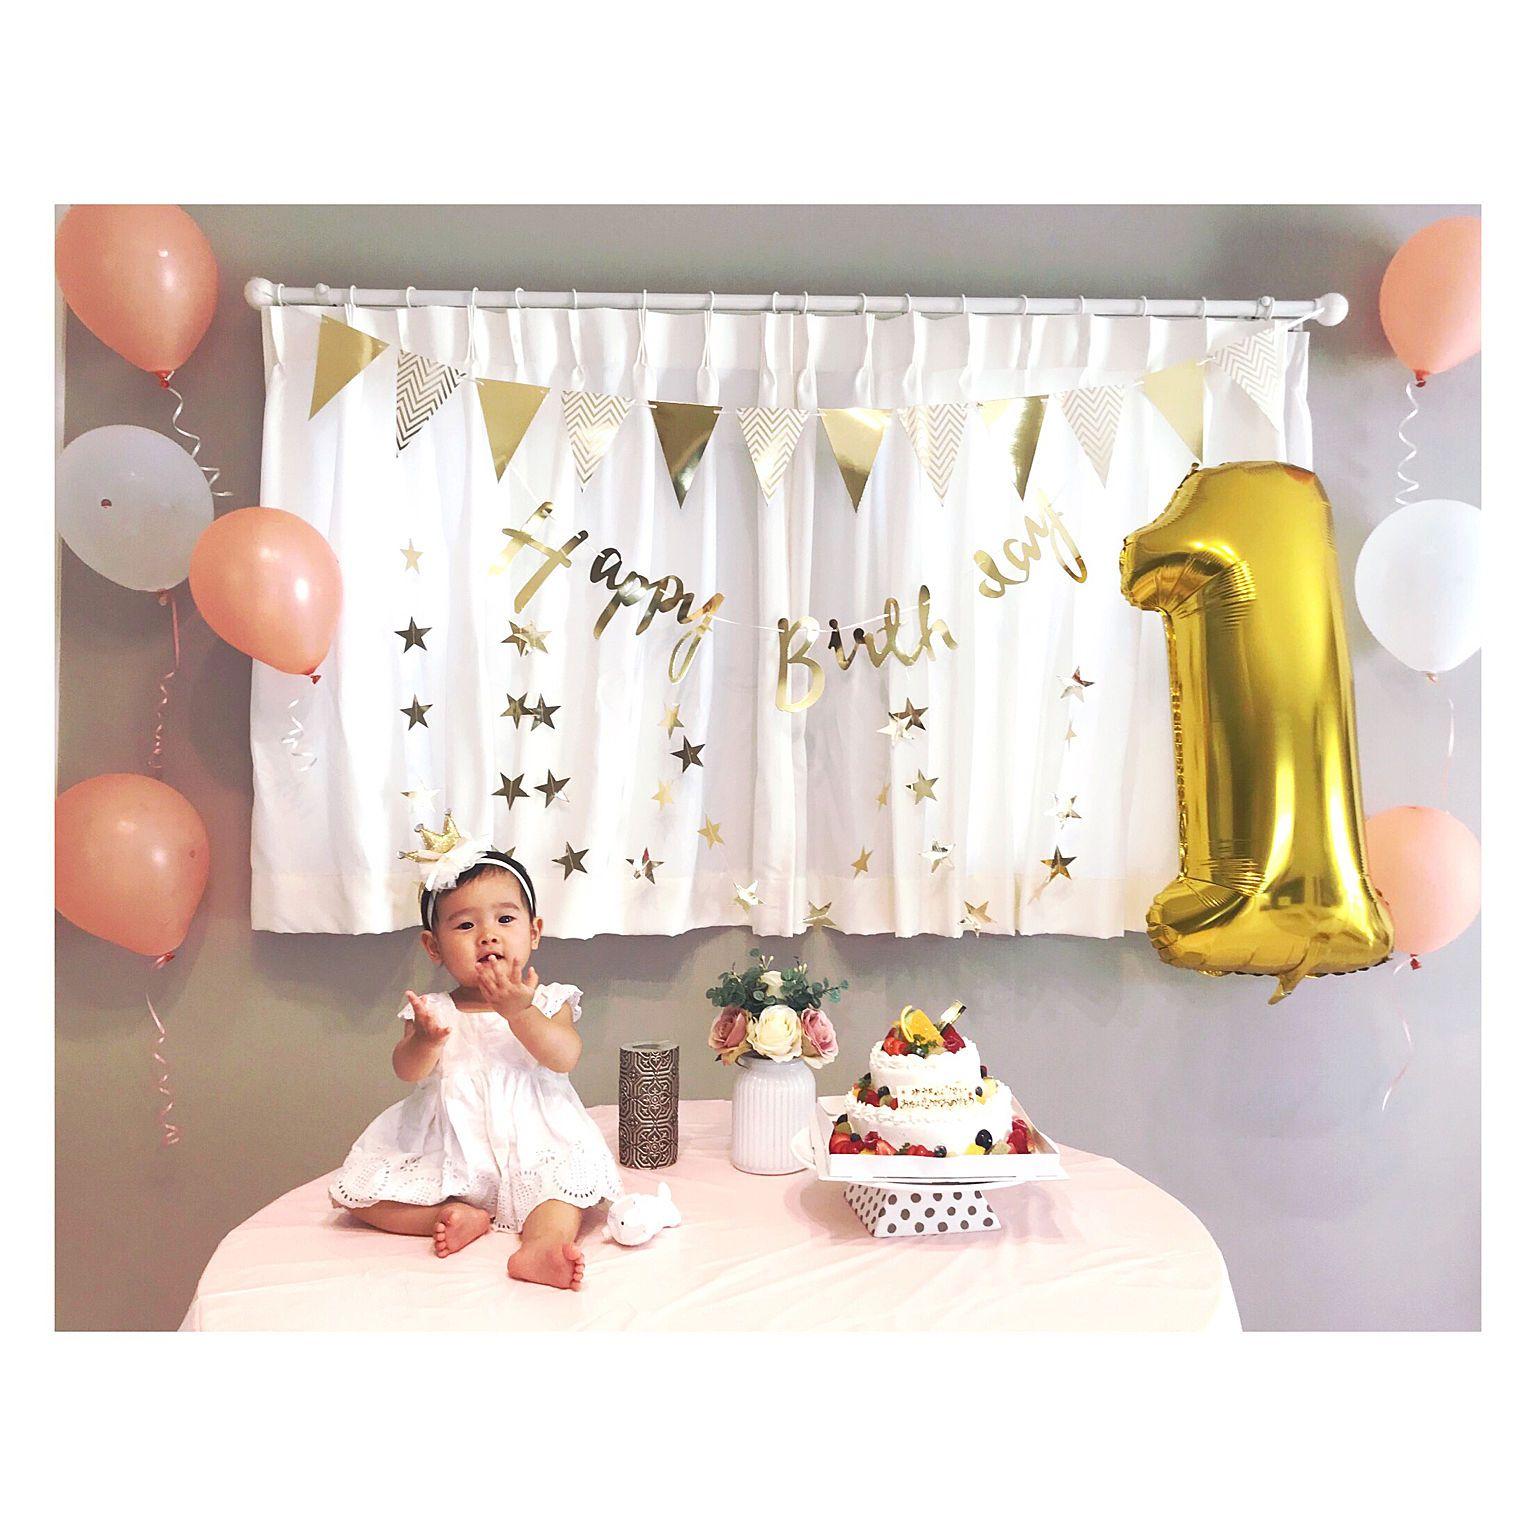 部屋全体 カーテン バースデー 1歳の誕生日 誕生日 などのインテリア実例 2018 10 19 16 26 54 Roomclip ルームクリップ 一歳 誕生日 飾り付け 1歳 誕生日 飾り付け バースデー バルーン